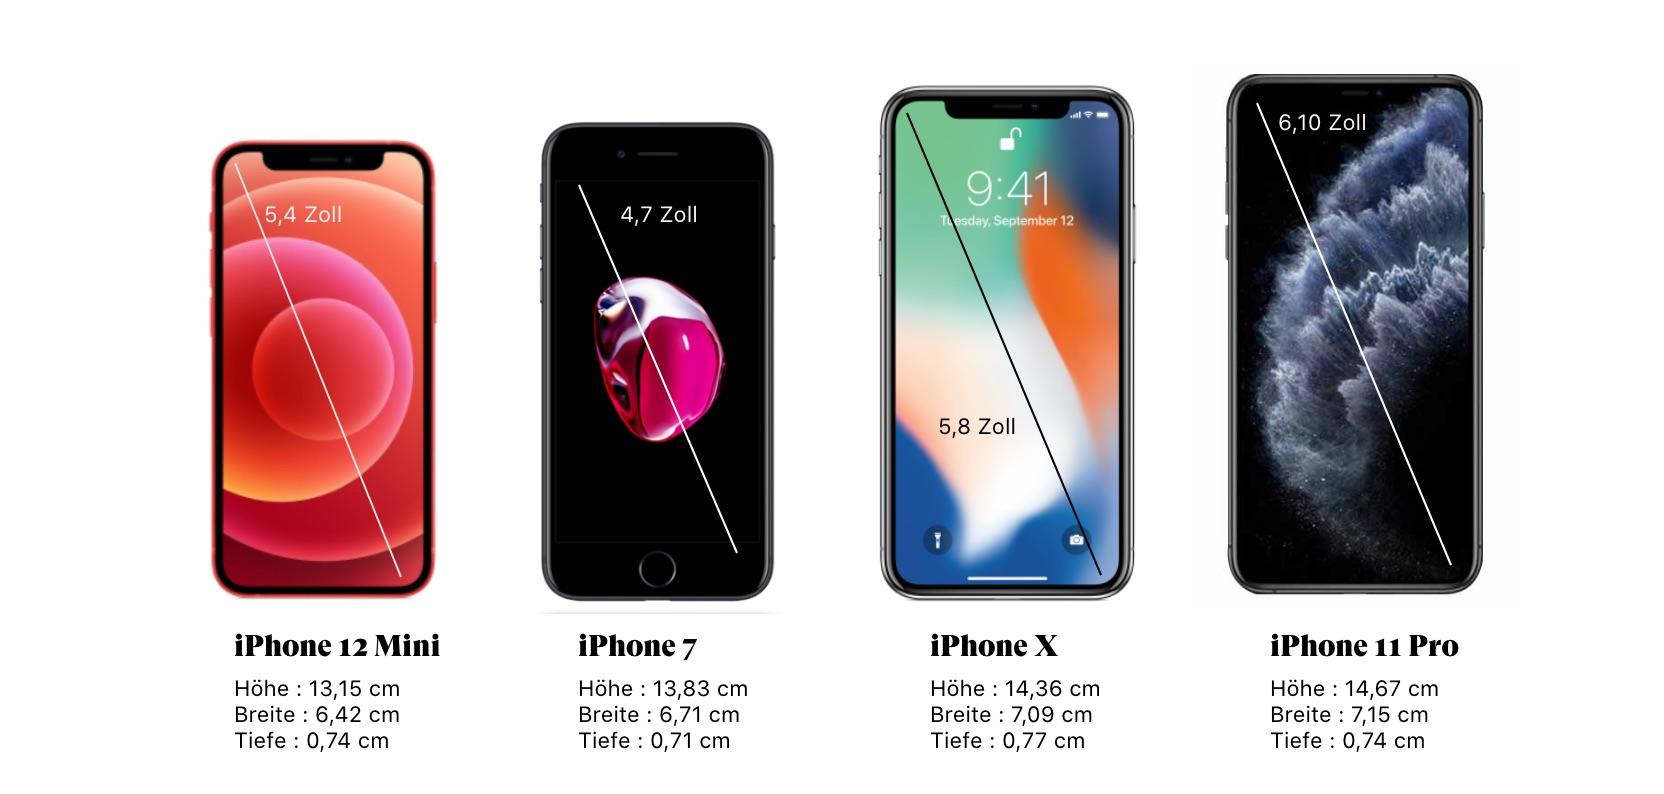 iphone 12 mini größe